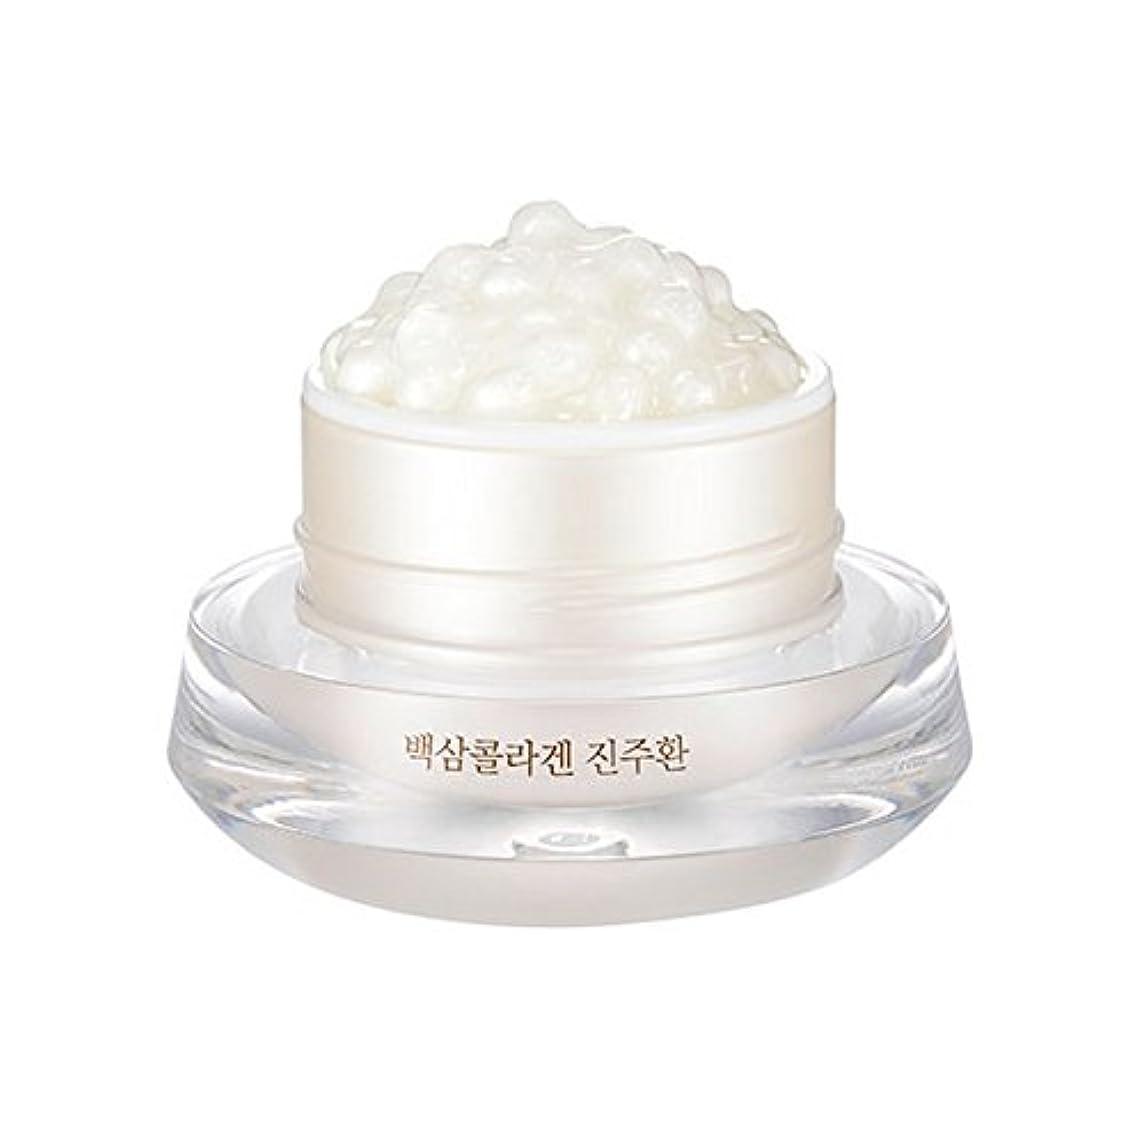 ゴミ火曜日ワーカー[ザ?フェイスショップ] The Face Shop 白参 コラーゲン パール カプセルクリーム White Ginseng Collagen Pearl Capsule Cream [並行輸入品]